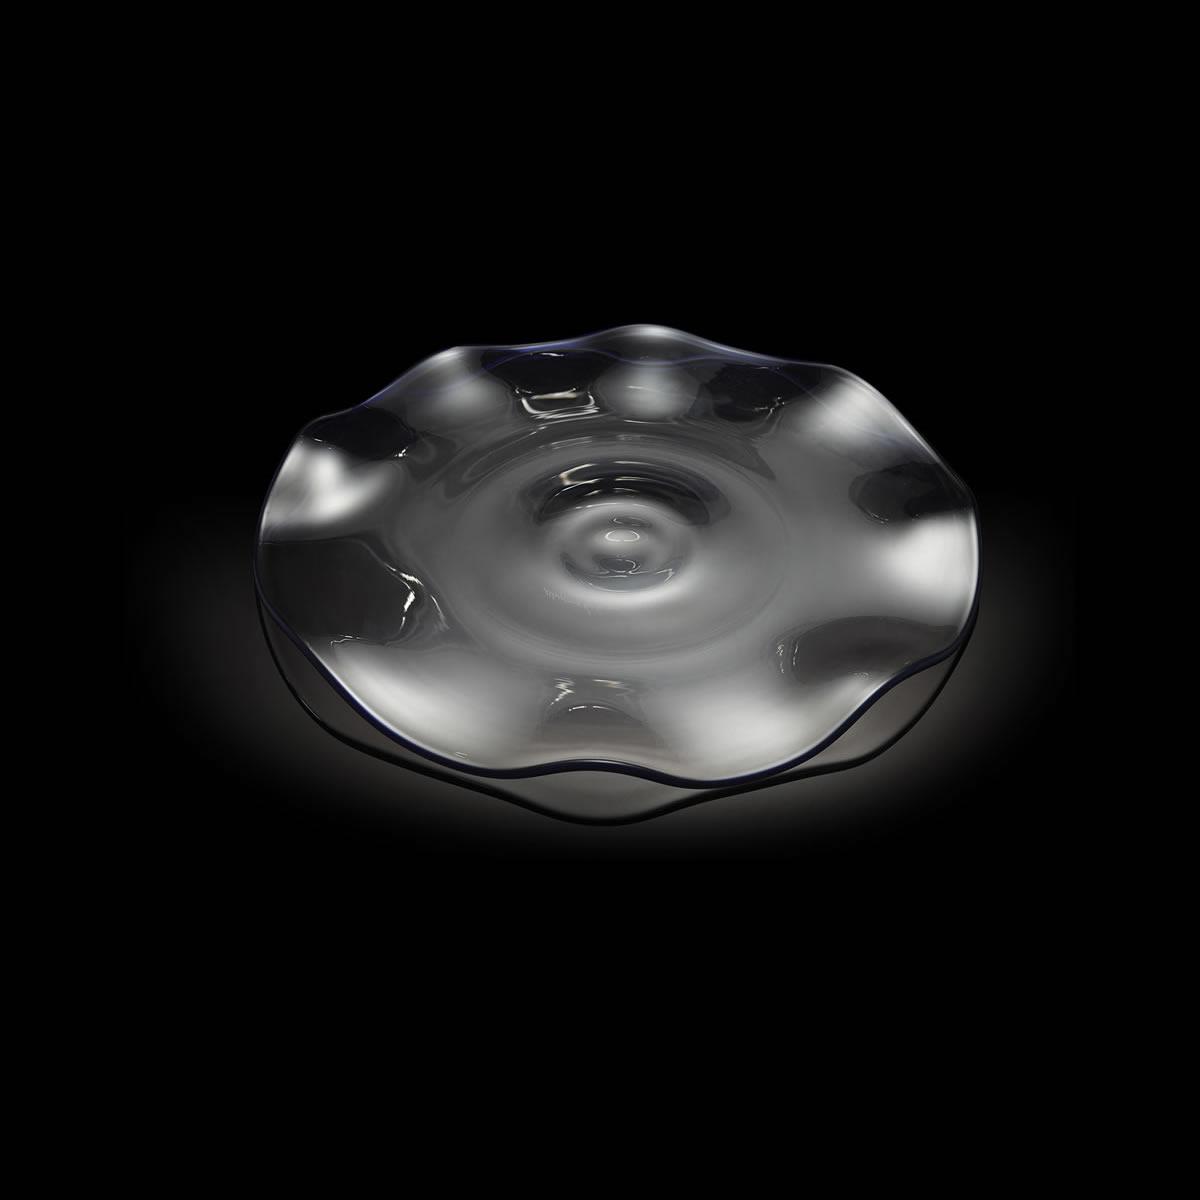 Onde piatto in vetro